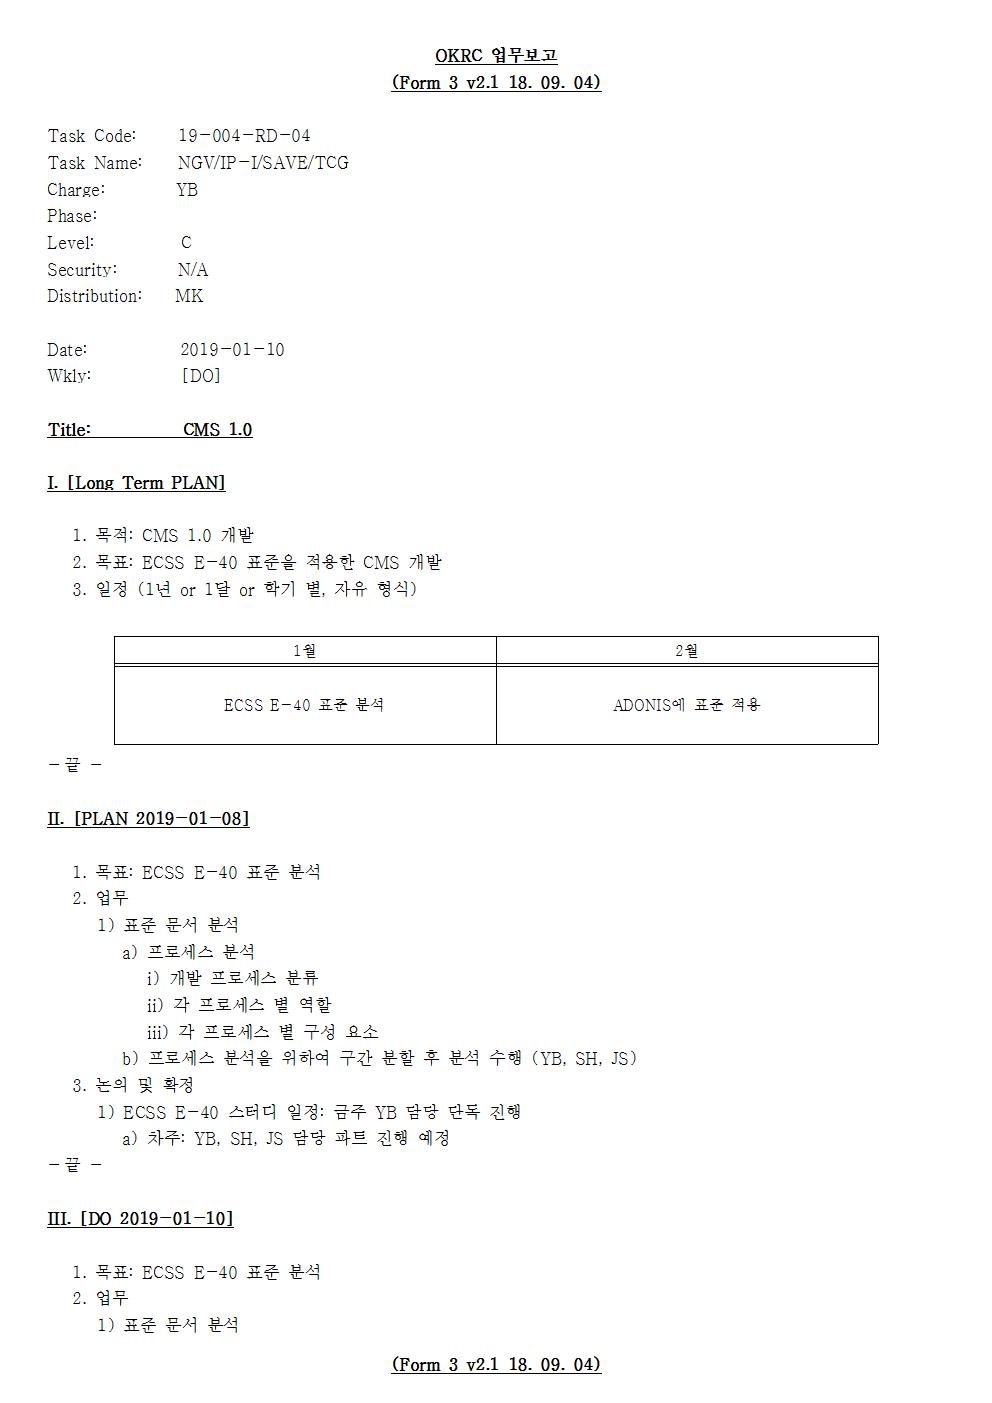 D-[19-004-RD-04]-[CMS]-[2019-01-10][YB]001.jpg